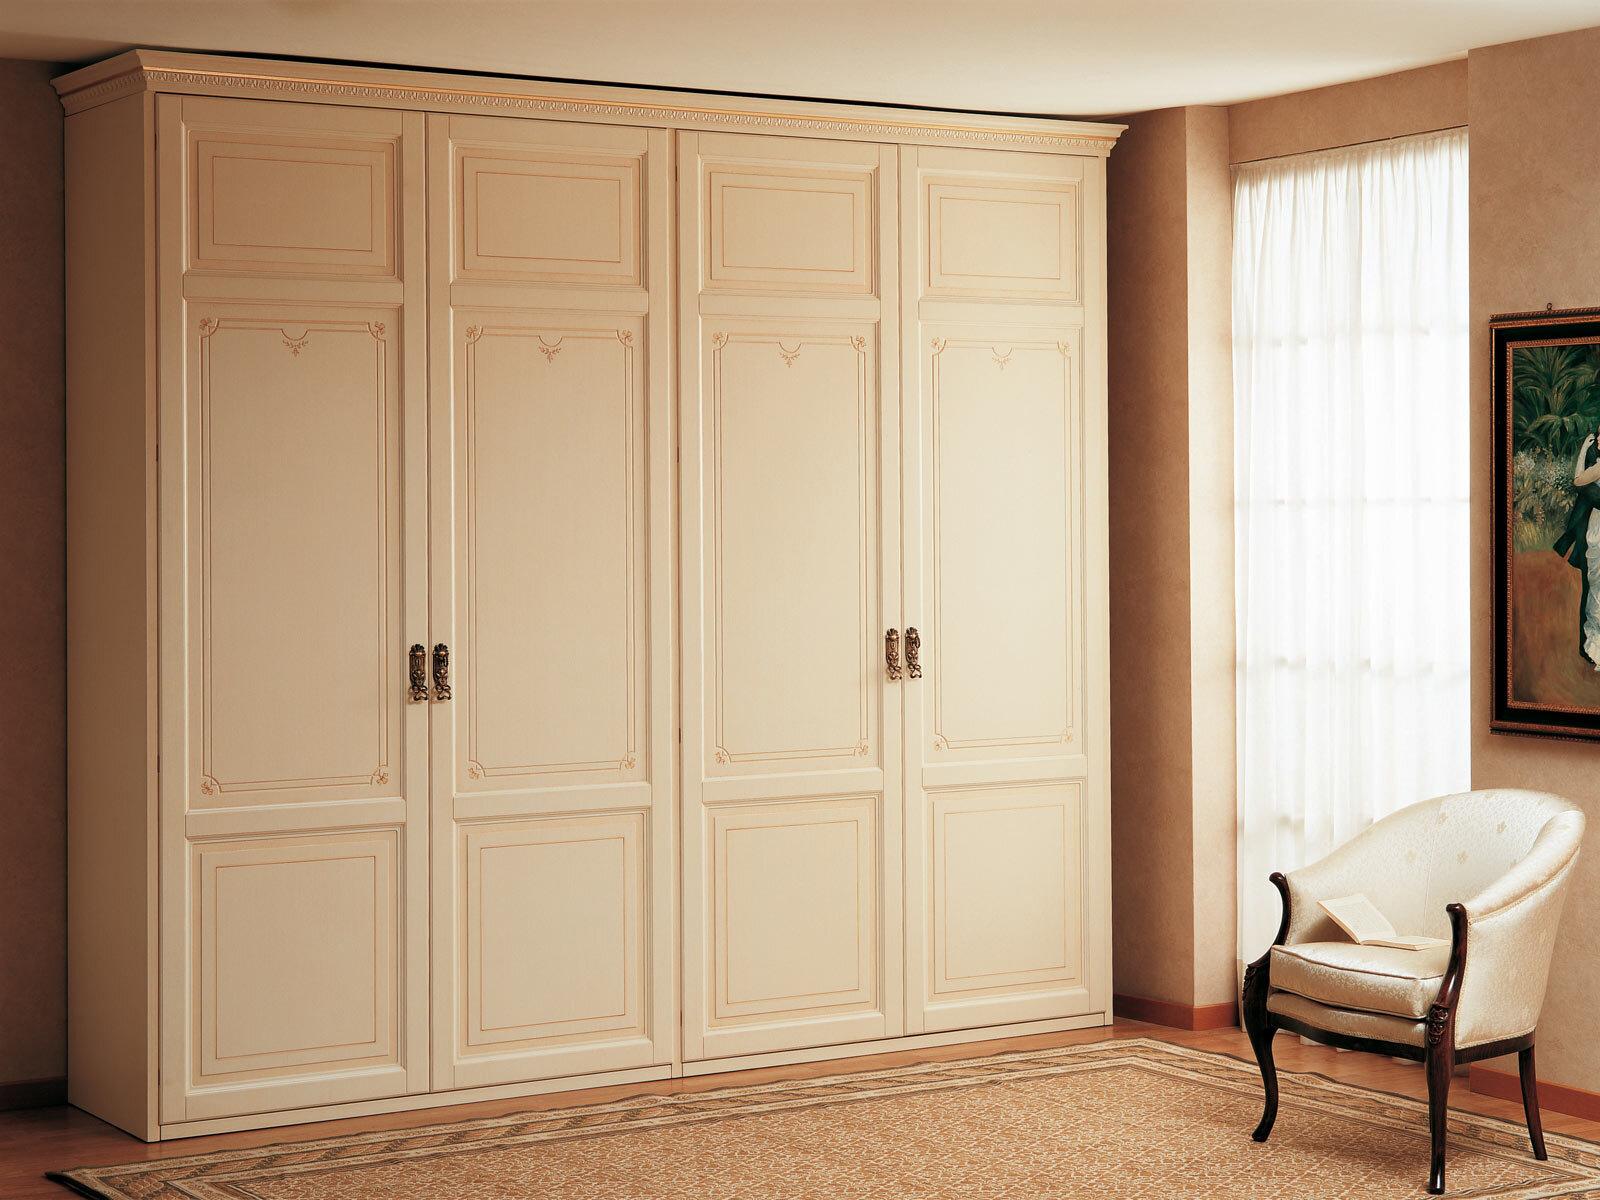 Tủ quần áo thiết kế từ gỗ sồi